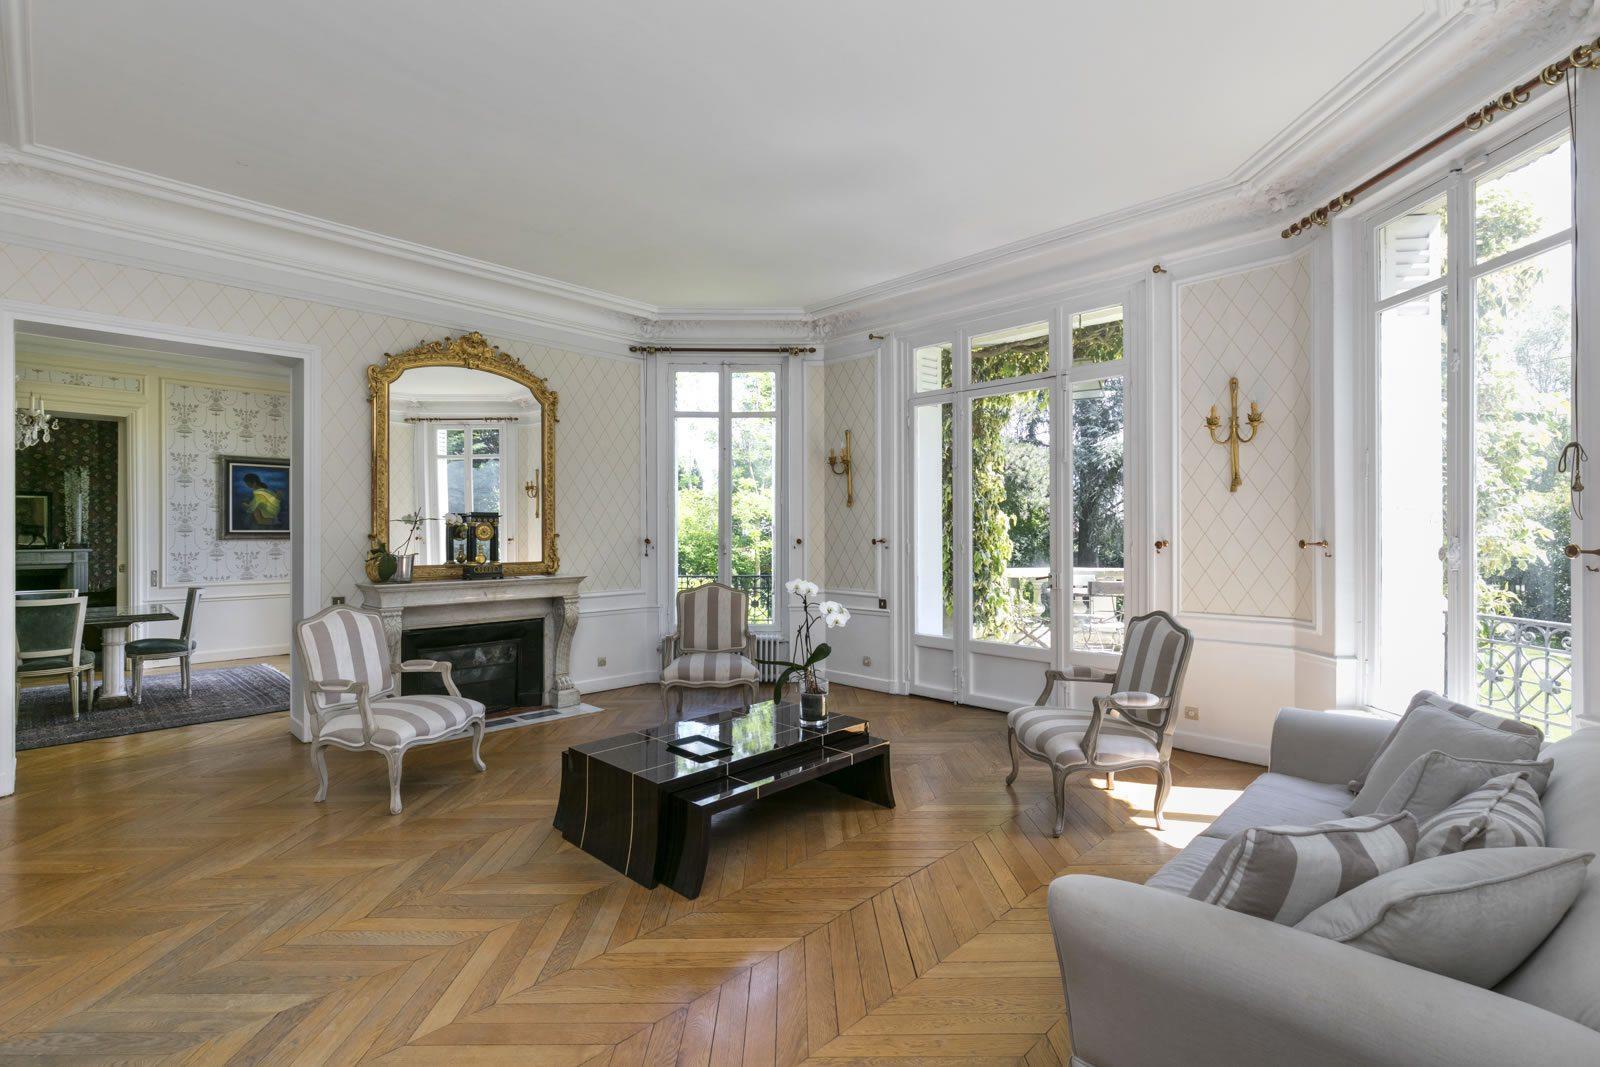 maison magnifiquement r nov e de style n o classique vendre au v sinet sud dans un quartier. Black Bedroom Furniture Sets. Home Design Ideas